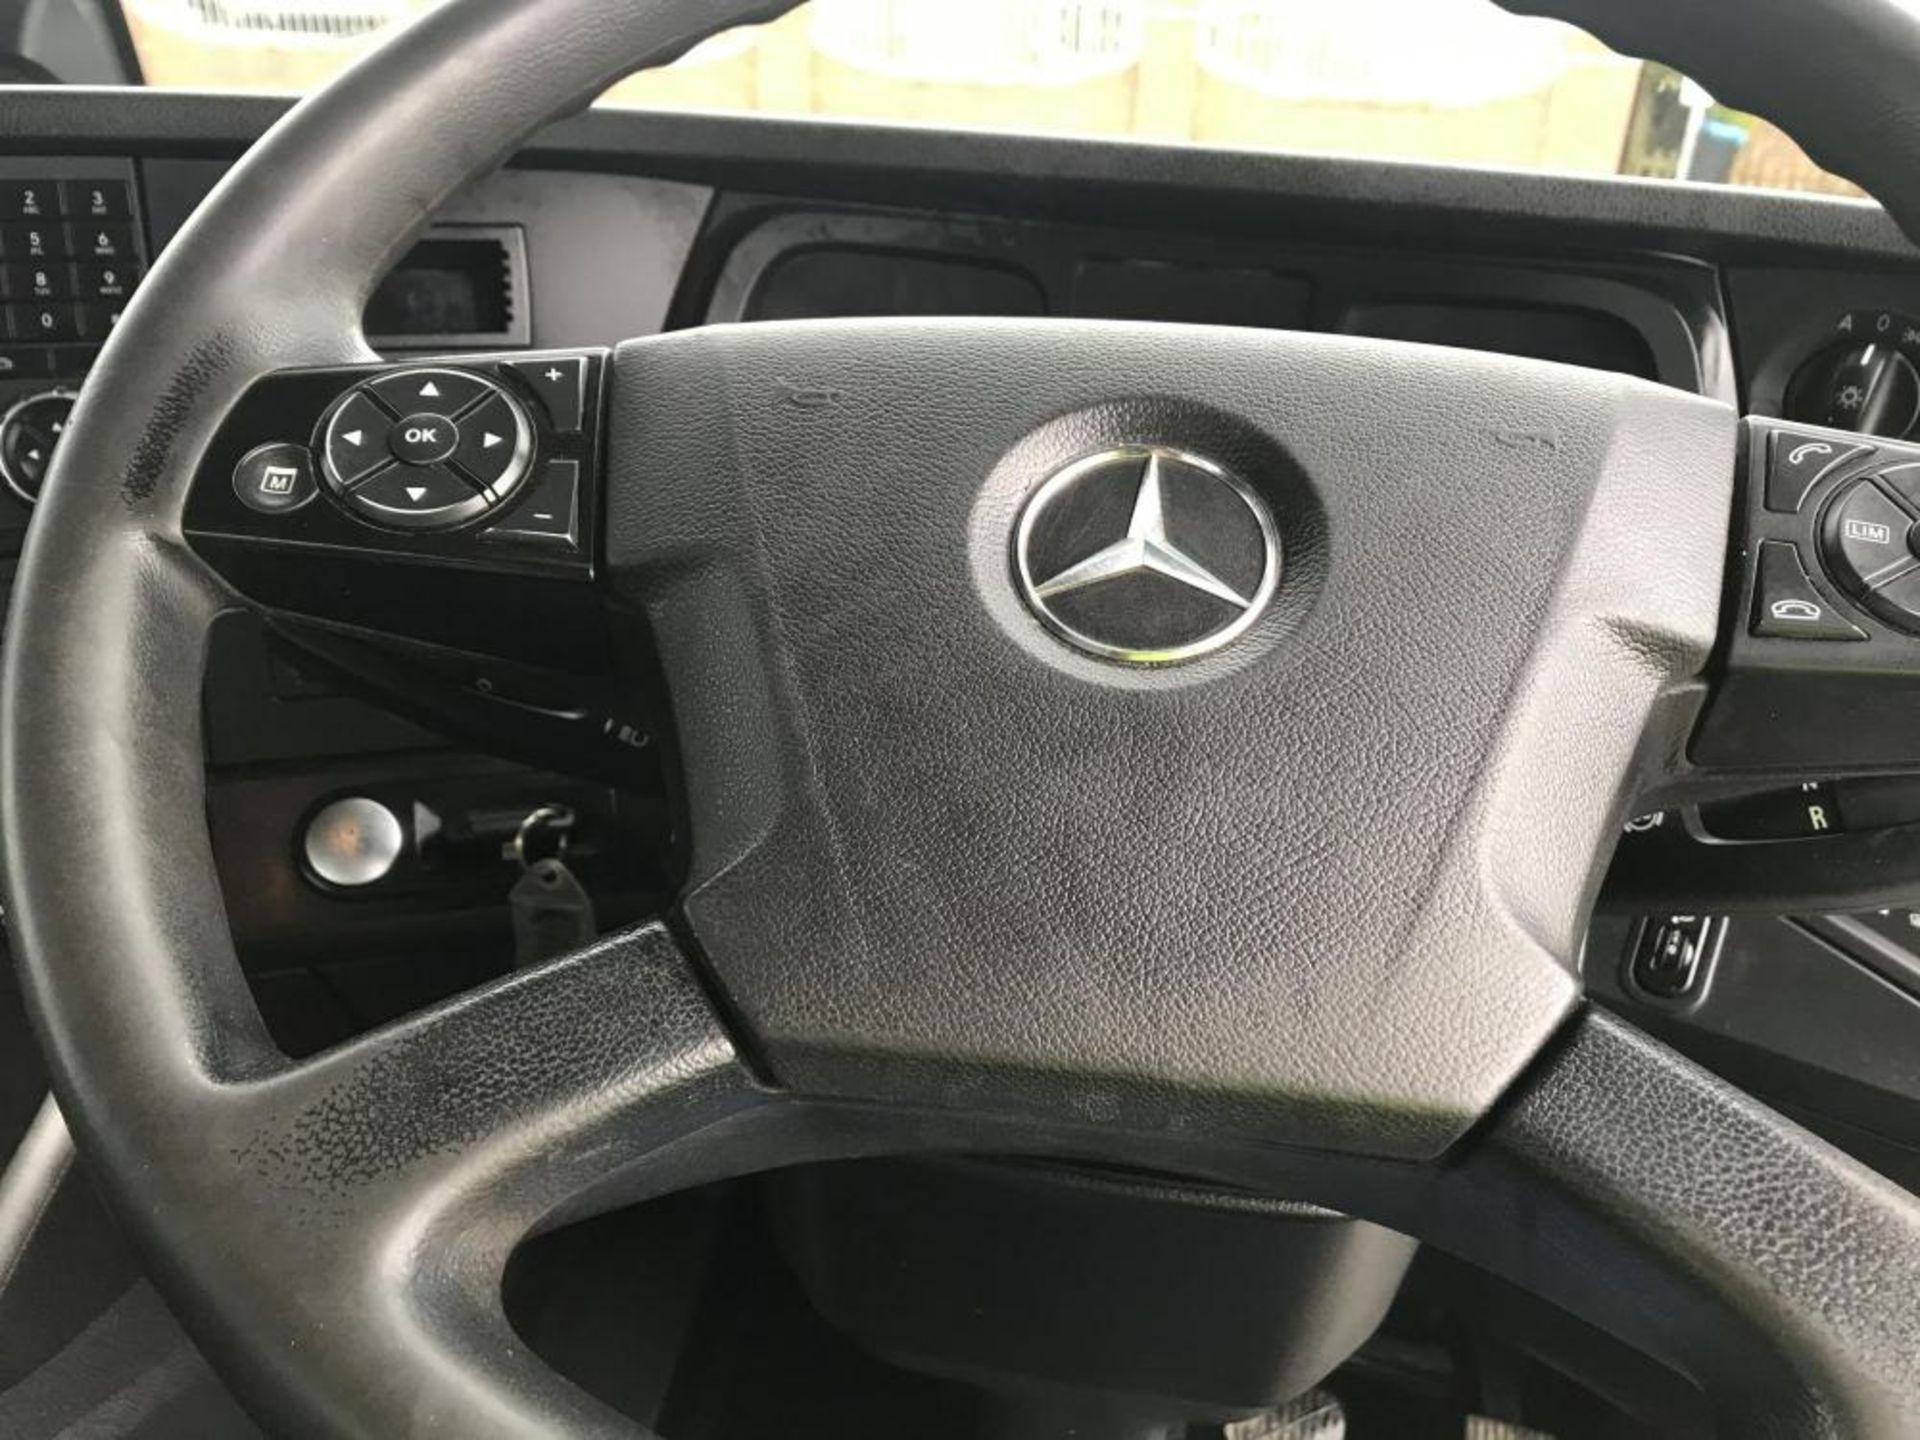 2014/64 REG MERCEDES-BENZ ACTROS 3240 HOOK LOADER 8X4 HARSH HOOK EQUIPMENT, AUTO GEARBOX *PLUS VAT* - Image 23 of 24